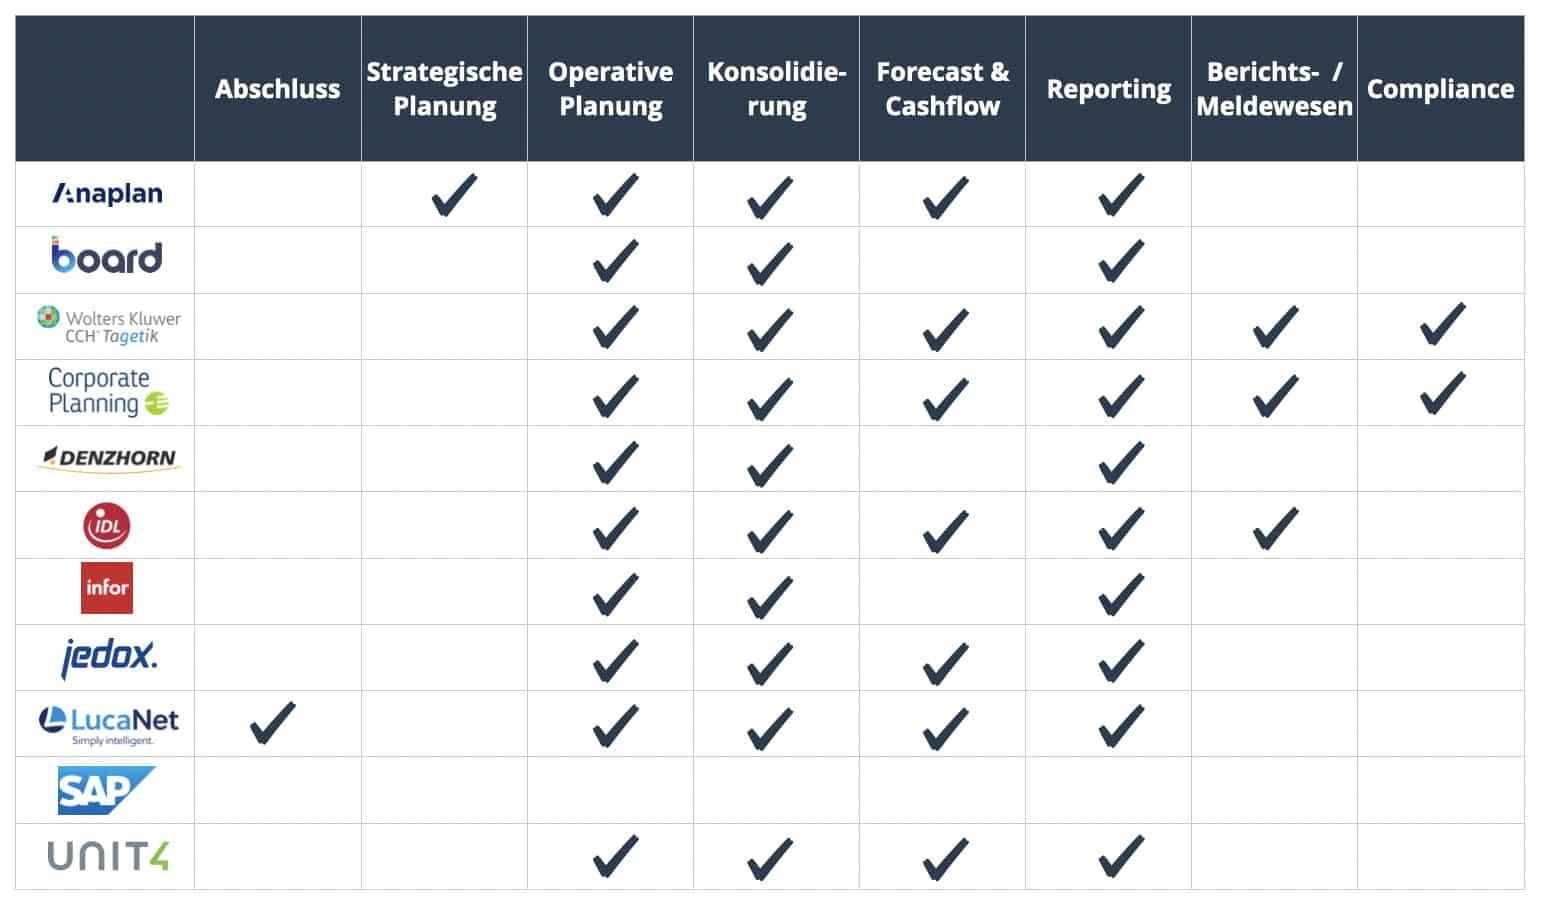 Anbieter Finanzplanungssoftware und angebotene Spezialisierung Finanzen